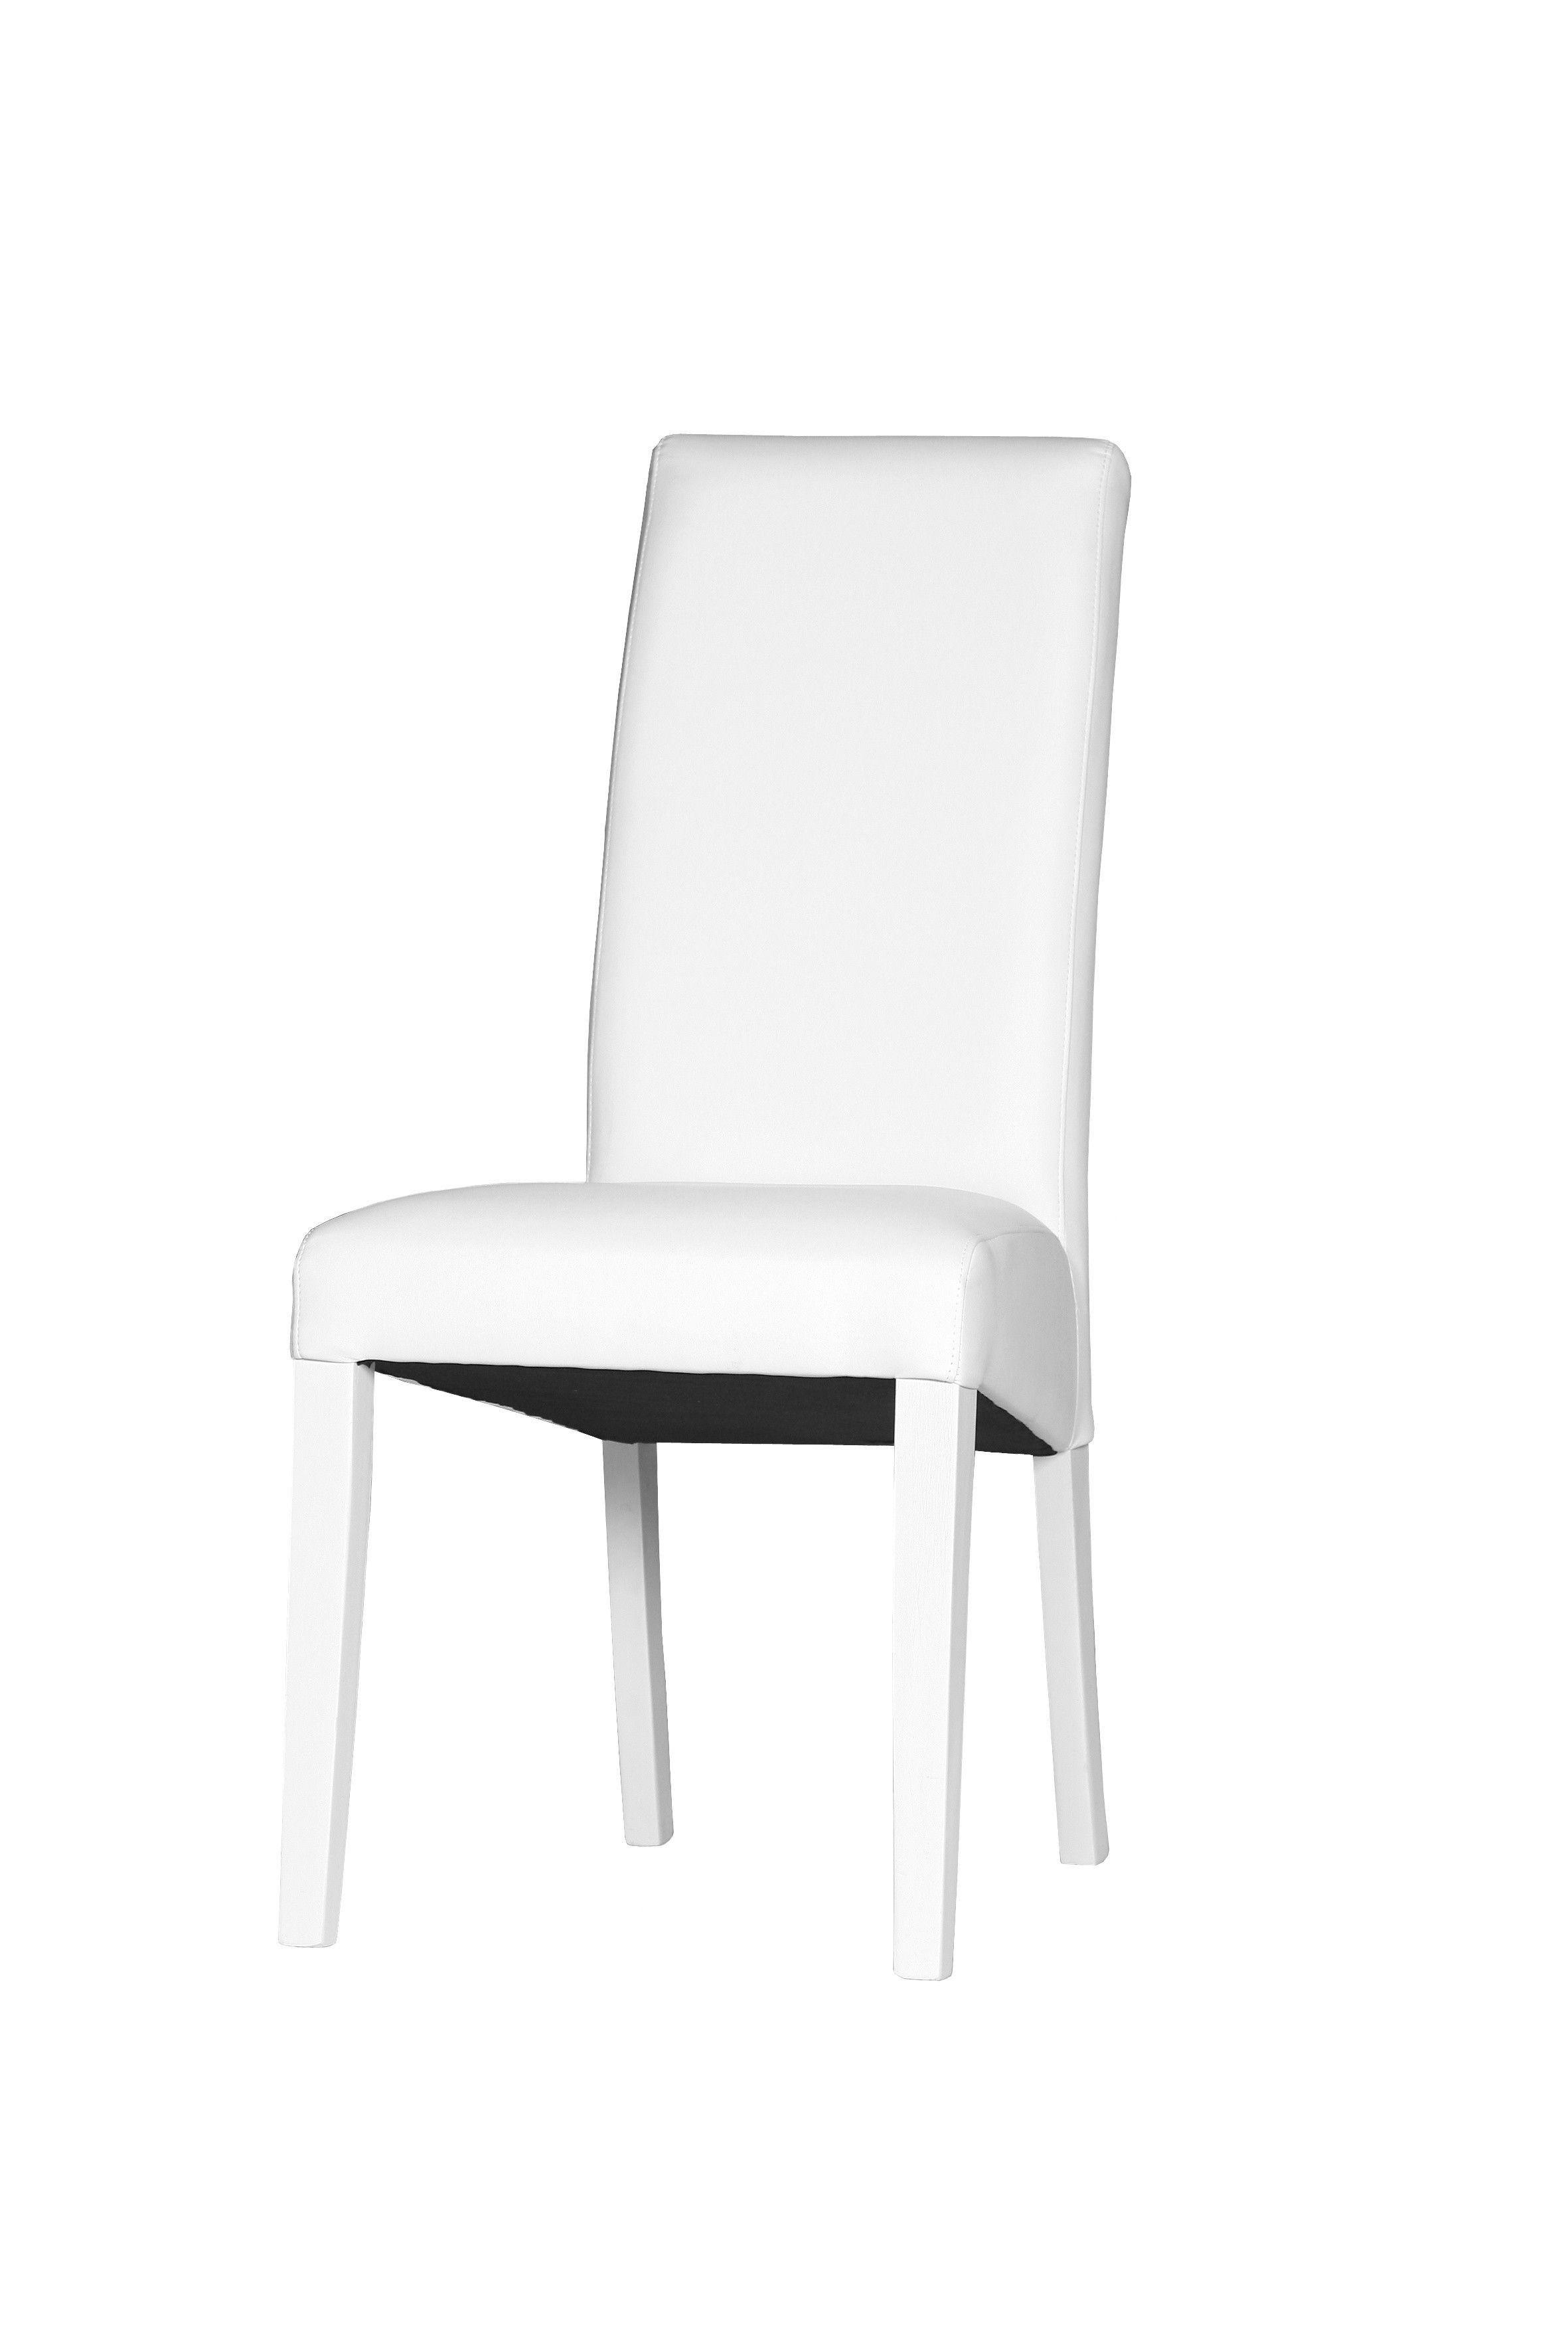 Fresh Cadre Deco Conforama Home Decor Home Design Diy Chair